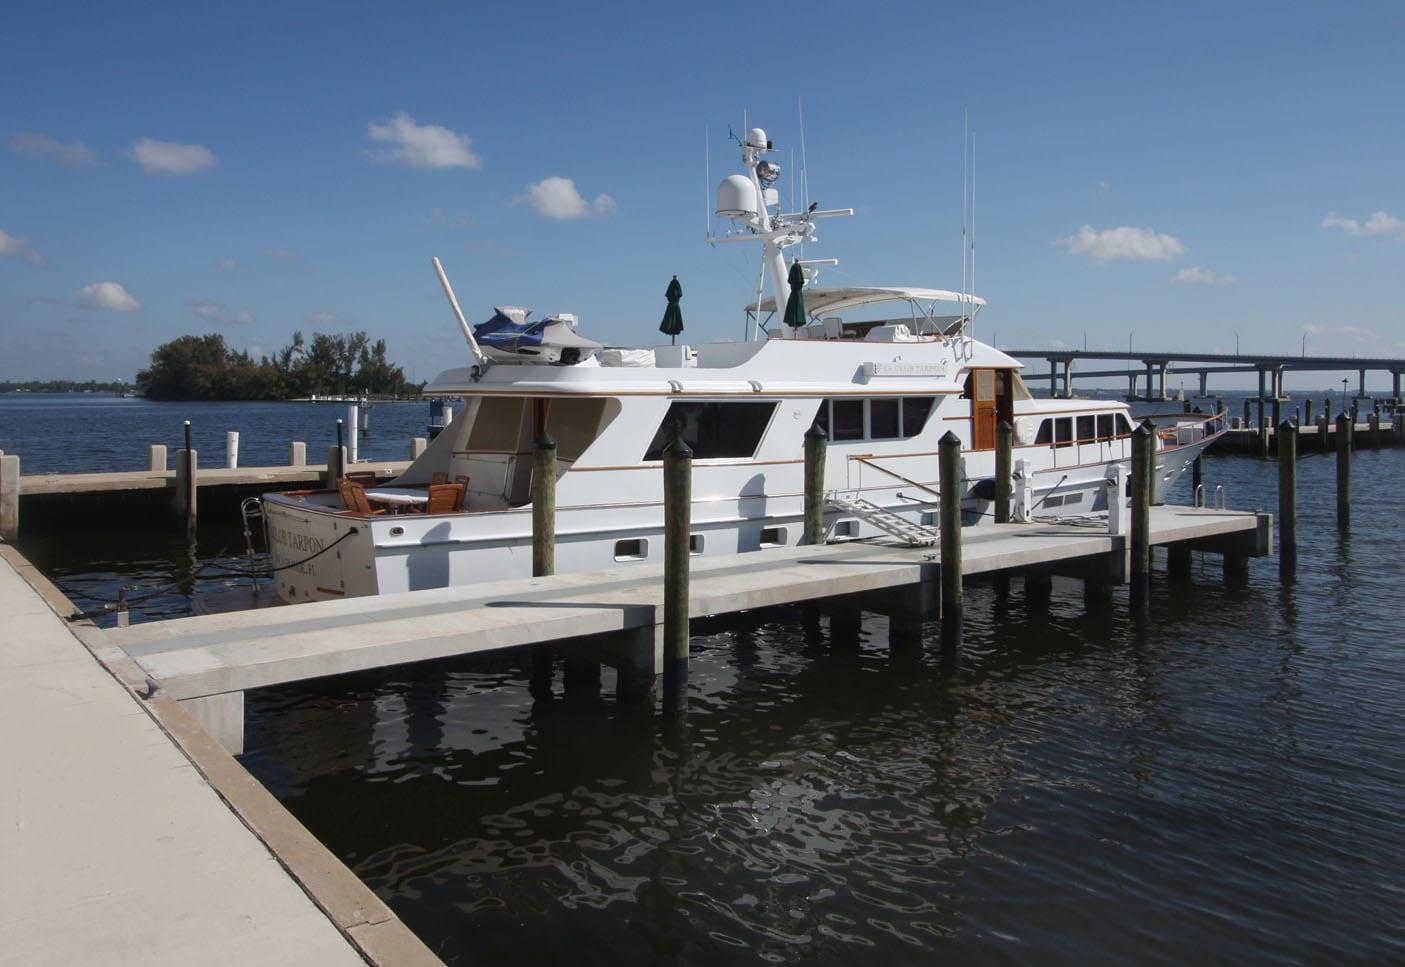 Yacht_Basin_0004_Layer 1